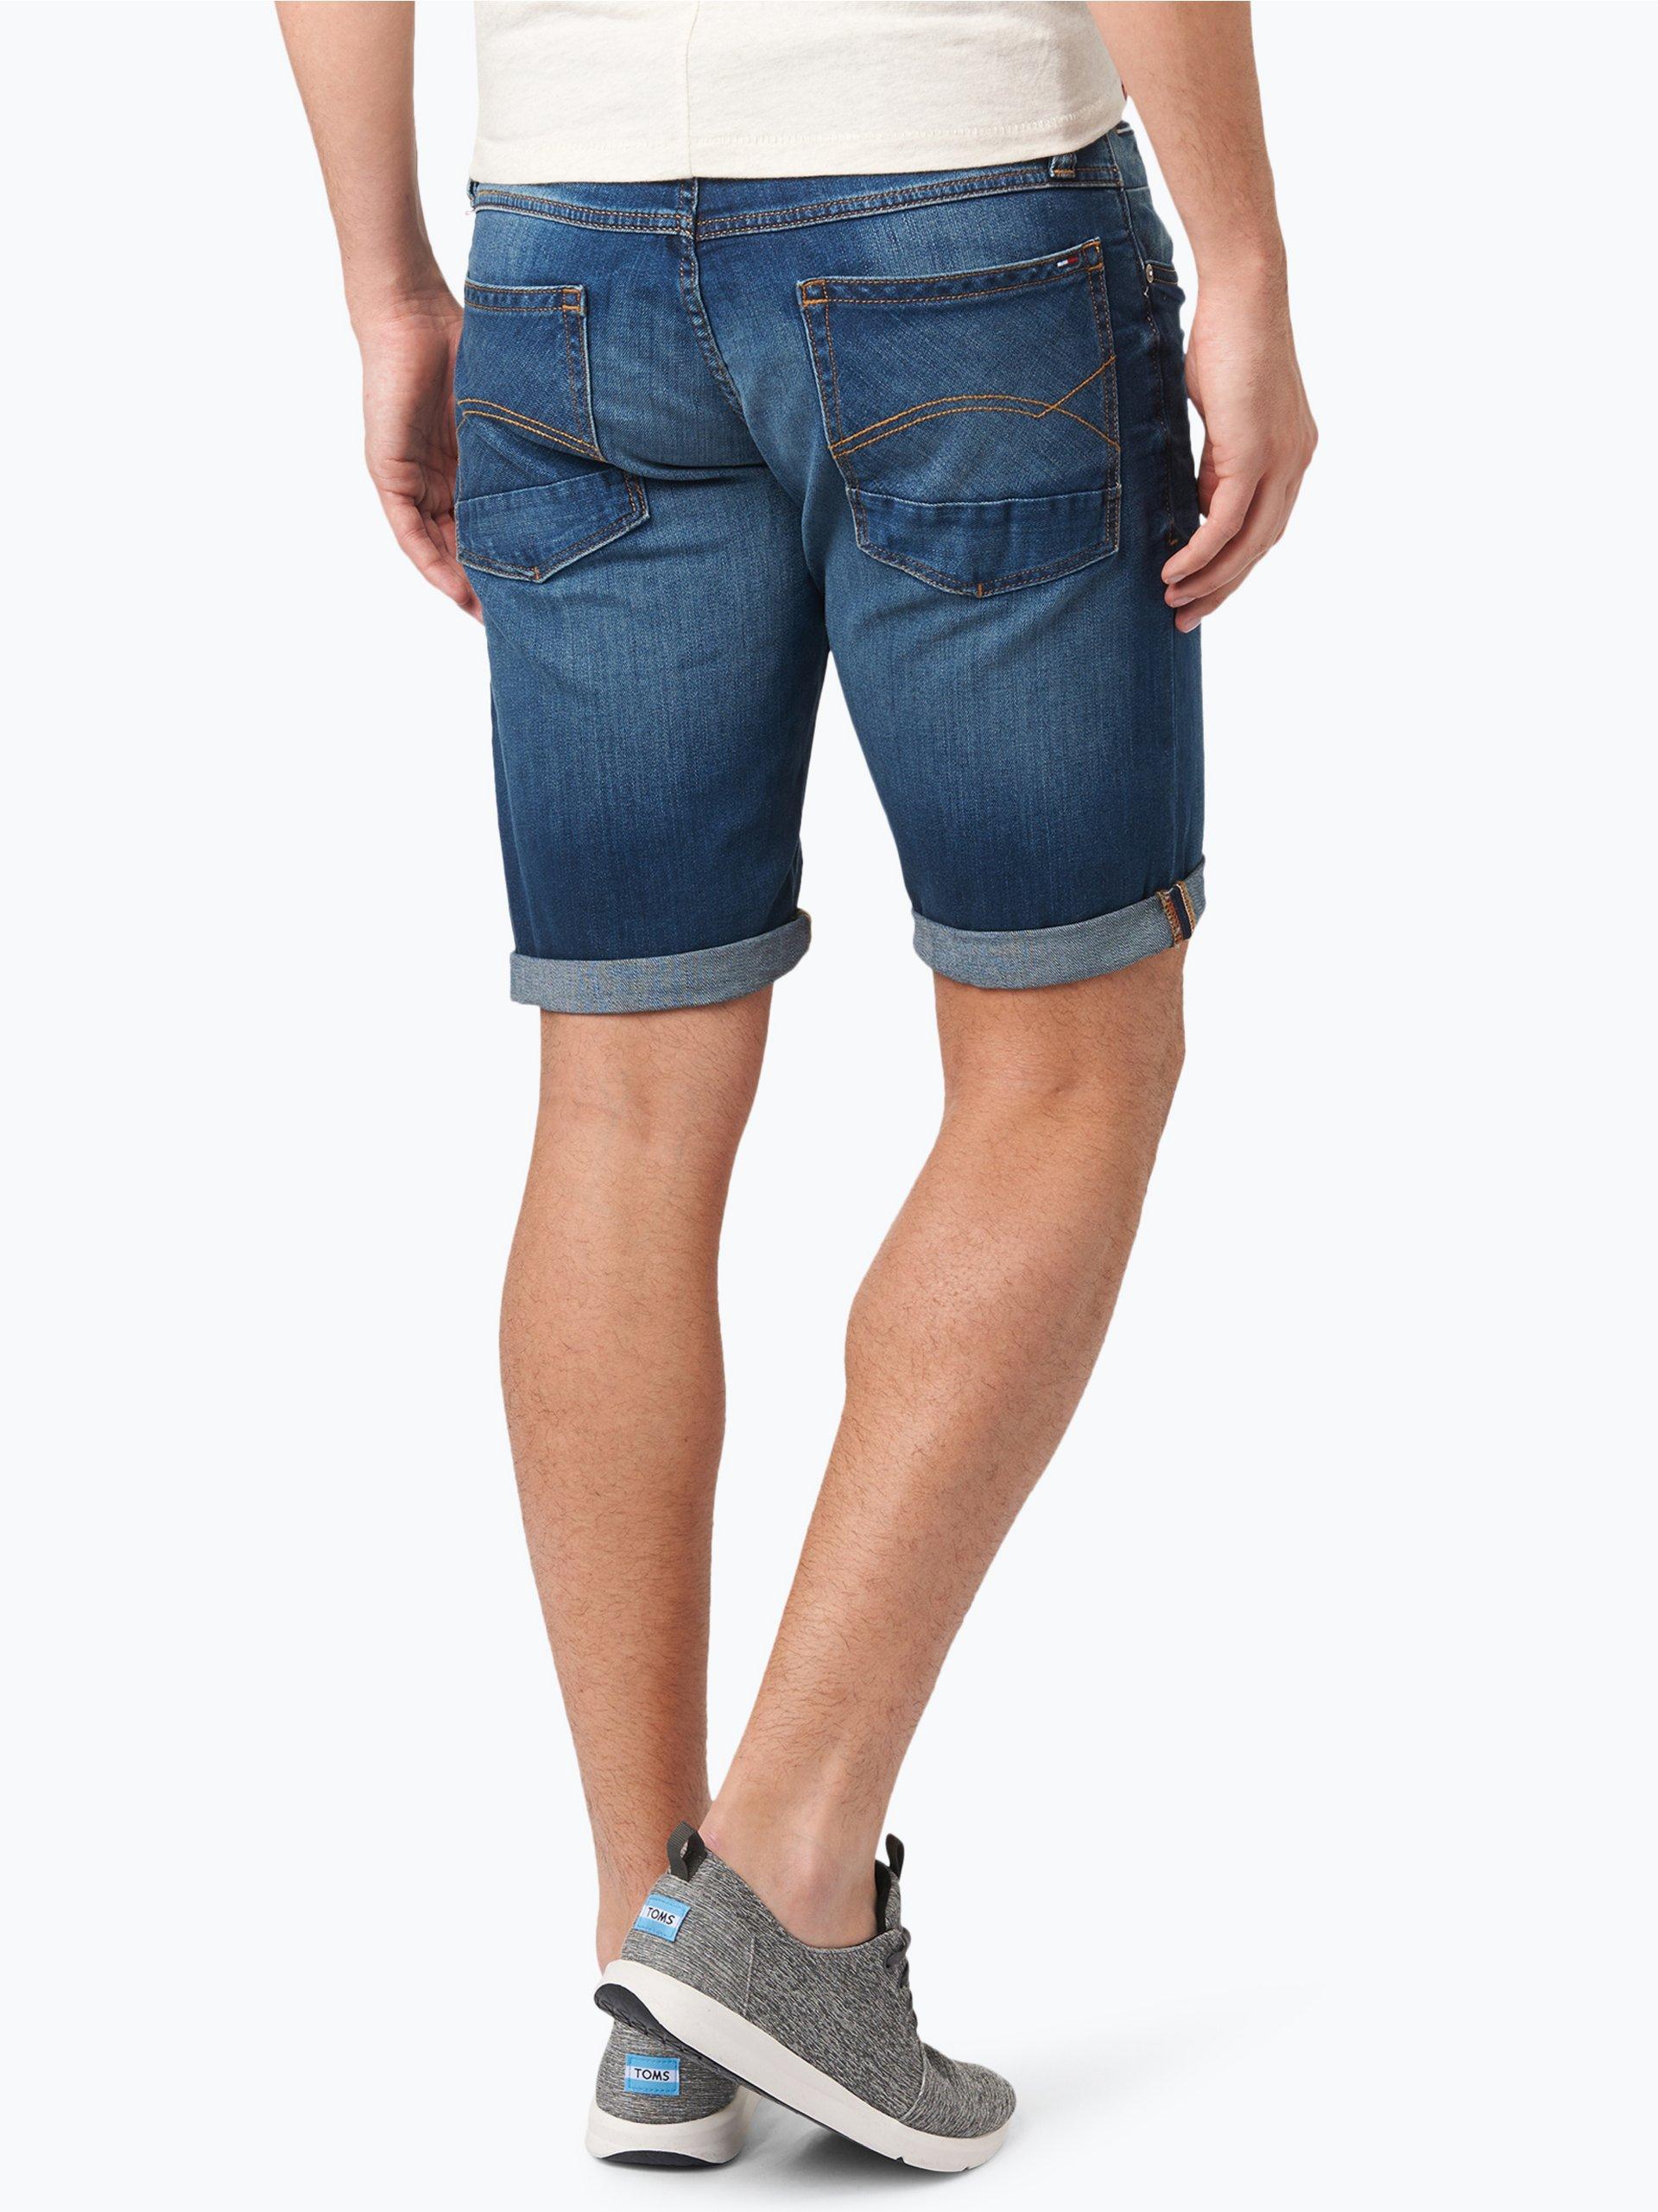 tommy jeans herren jeans bermuda ronnie hellblau blau uni online kaufen vangraaf com. Black Bedroom Furniture Sets. Home Design Ideas